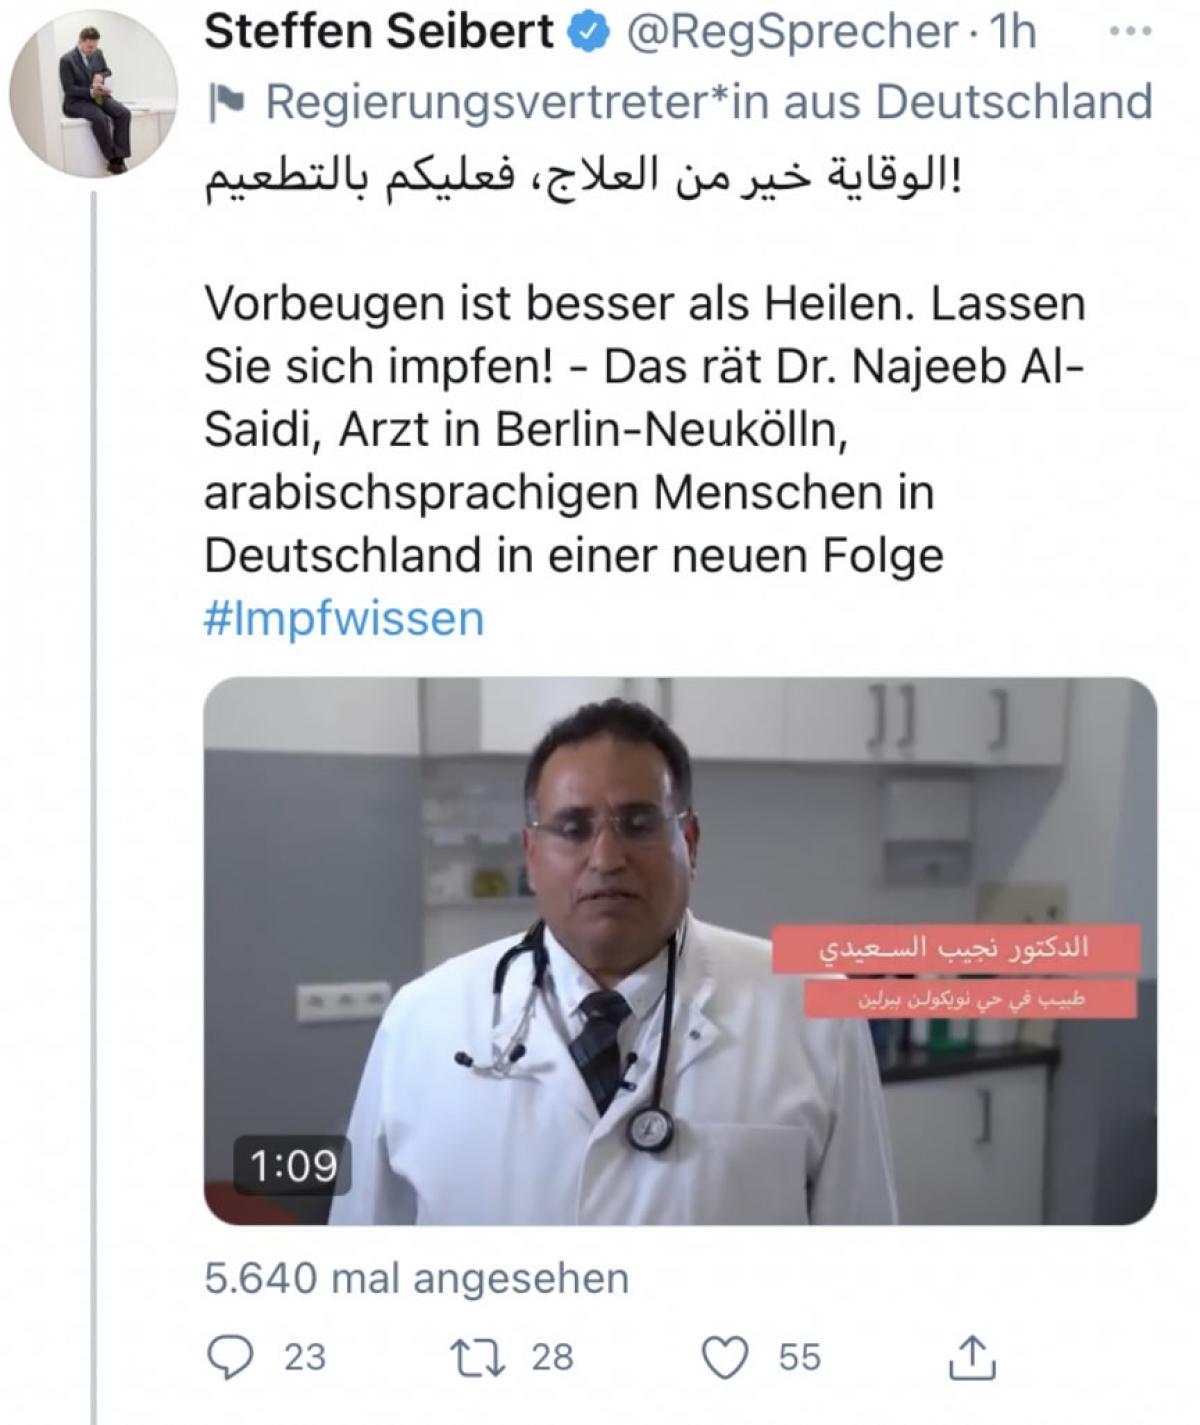 Aprócska malőr: a német kormány oltási kampányának egyik főszereplője iszlamista propagandát terjeszt, és a Hamász fegyveres terrorista ágát élteti